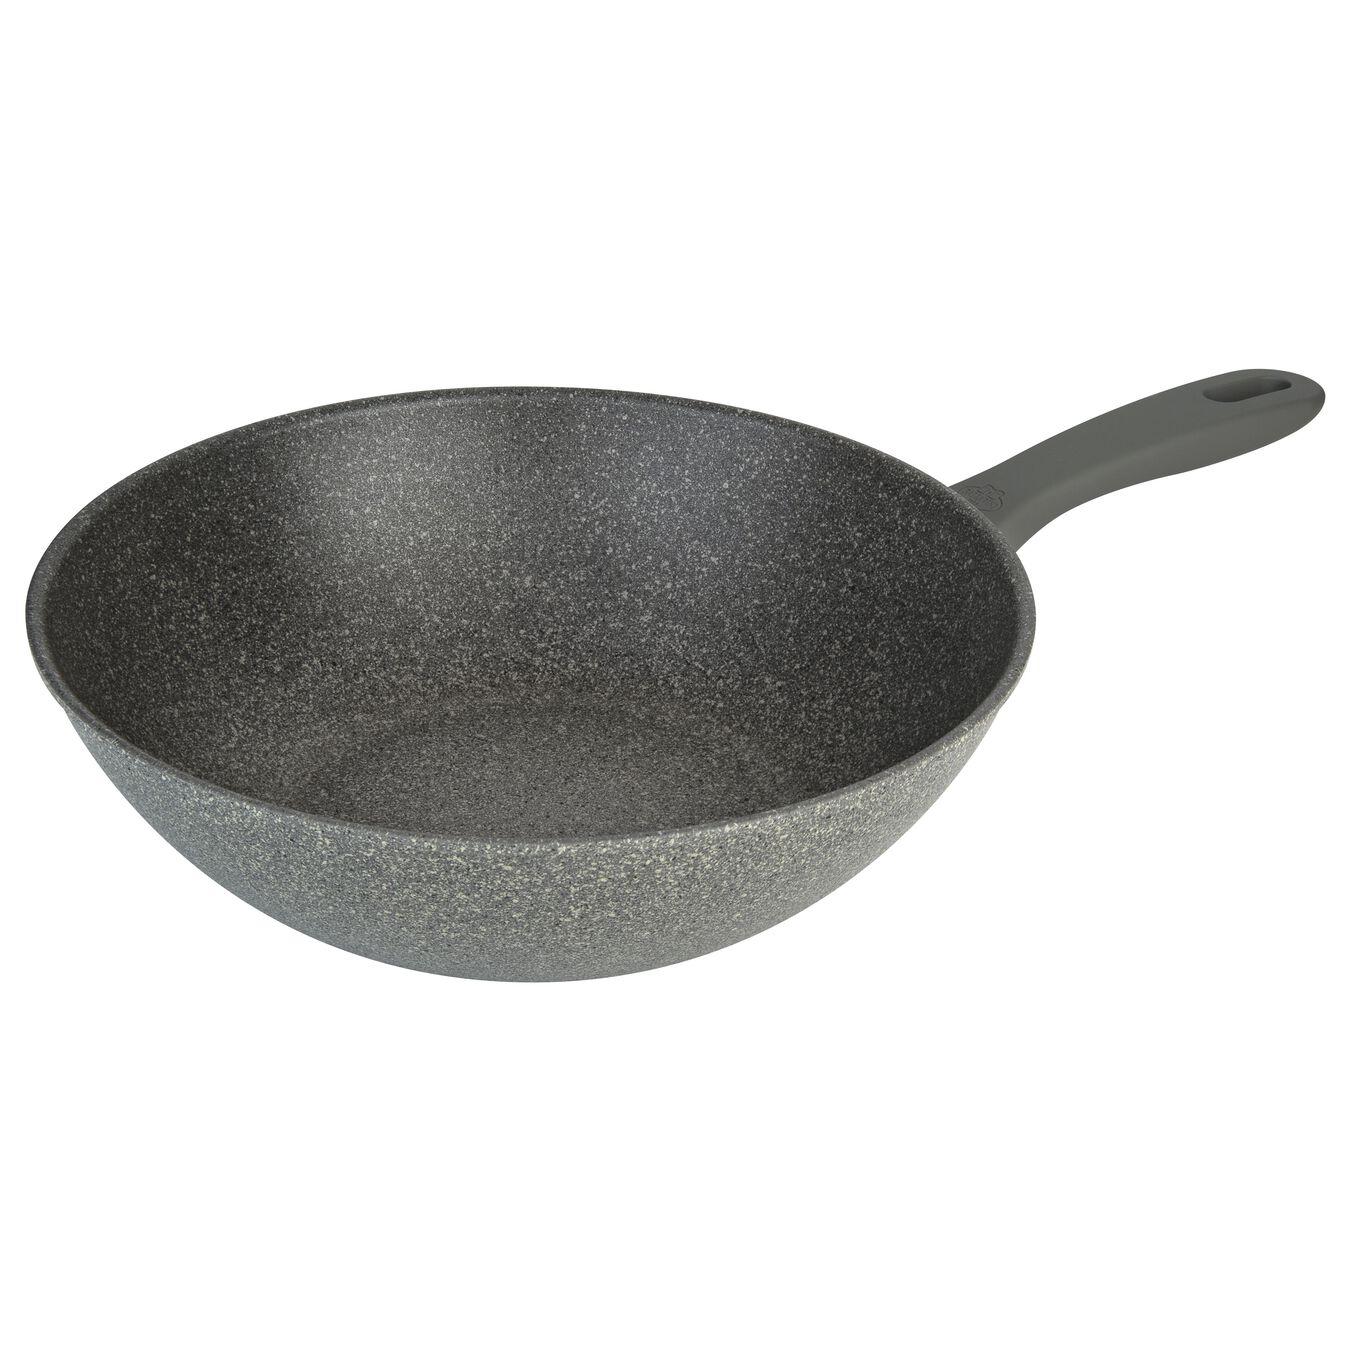 Wok - 30 cm, alluminio, Granitium Extreme,,large 1